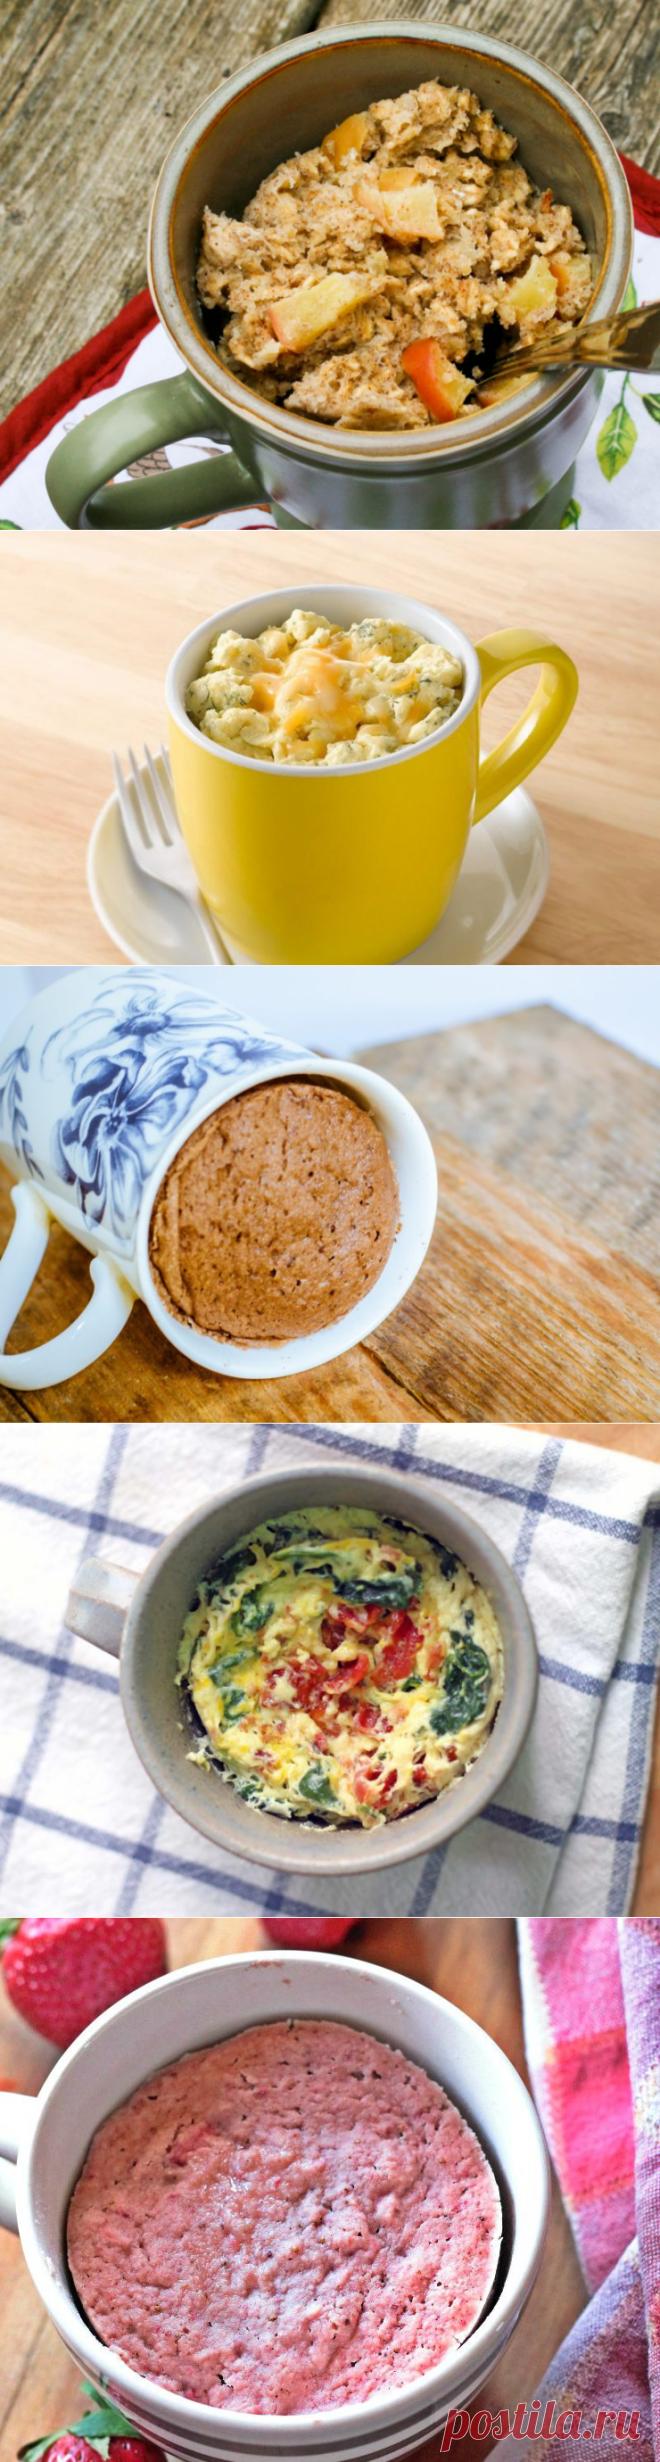 5 рецептов на завтрак, которые можно приготовить в микроволновке